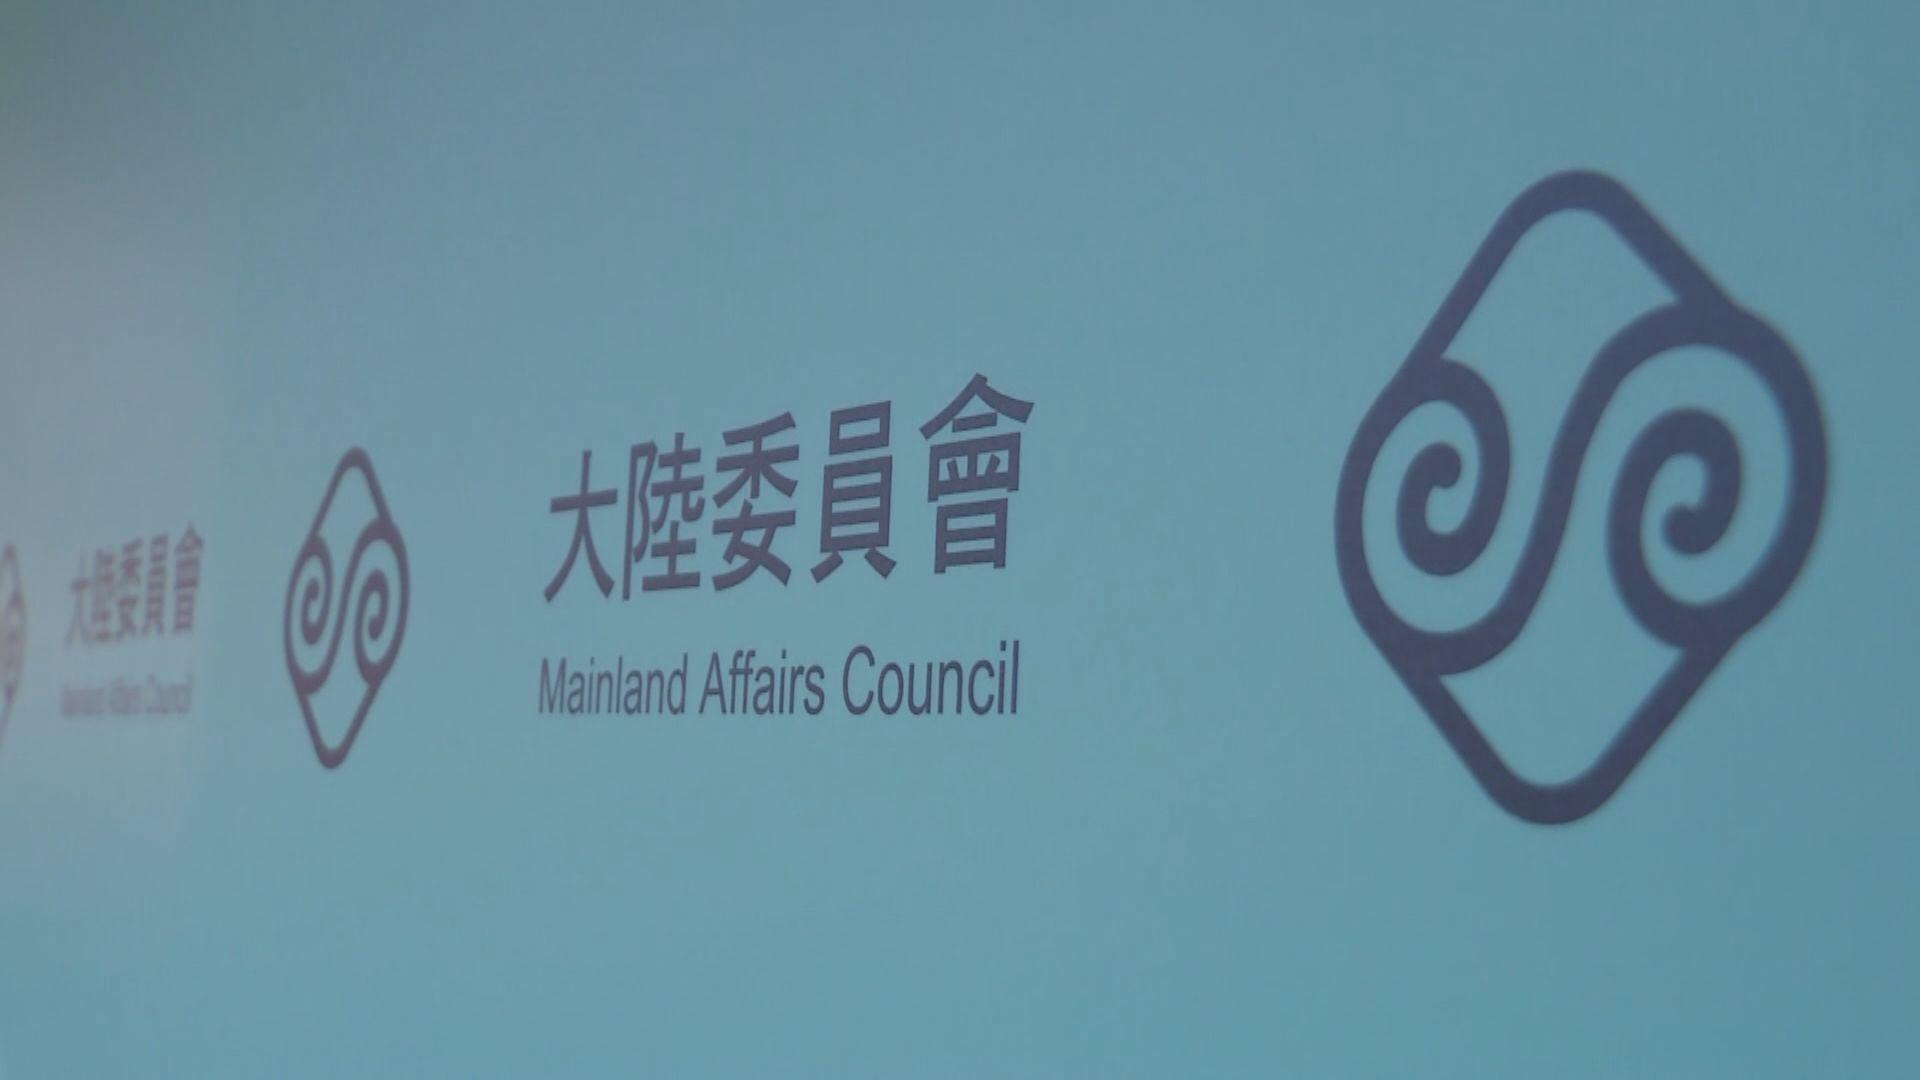 陸委會:陳同佳隨時可透過窗口聯絡 相關事宜已準備就緒